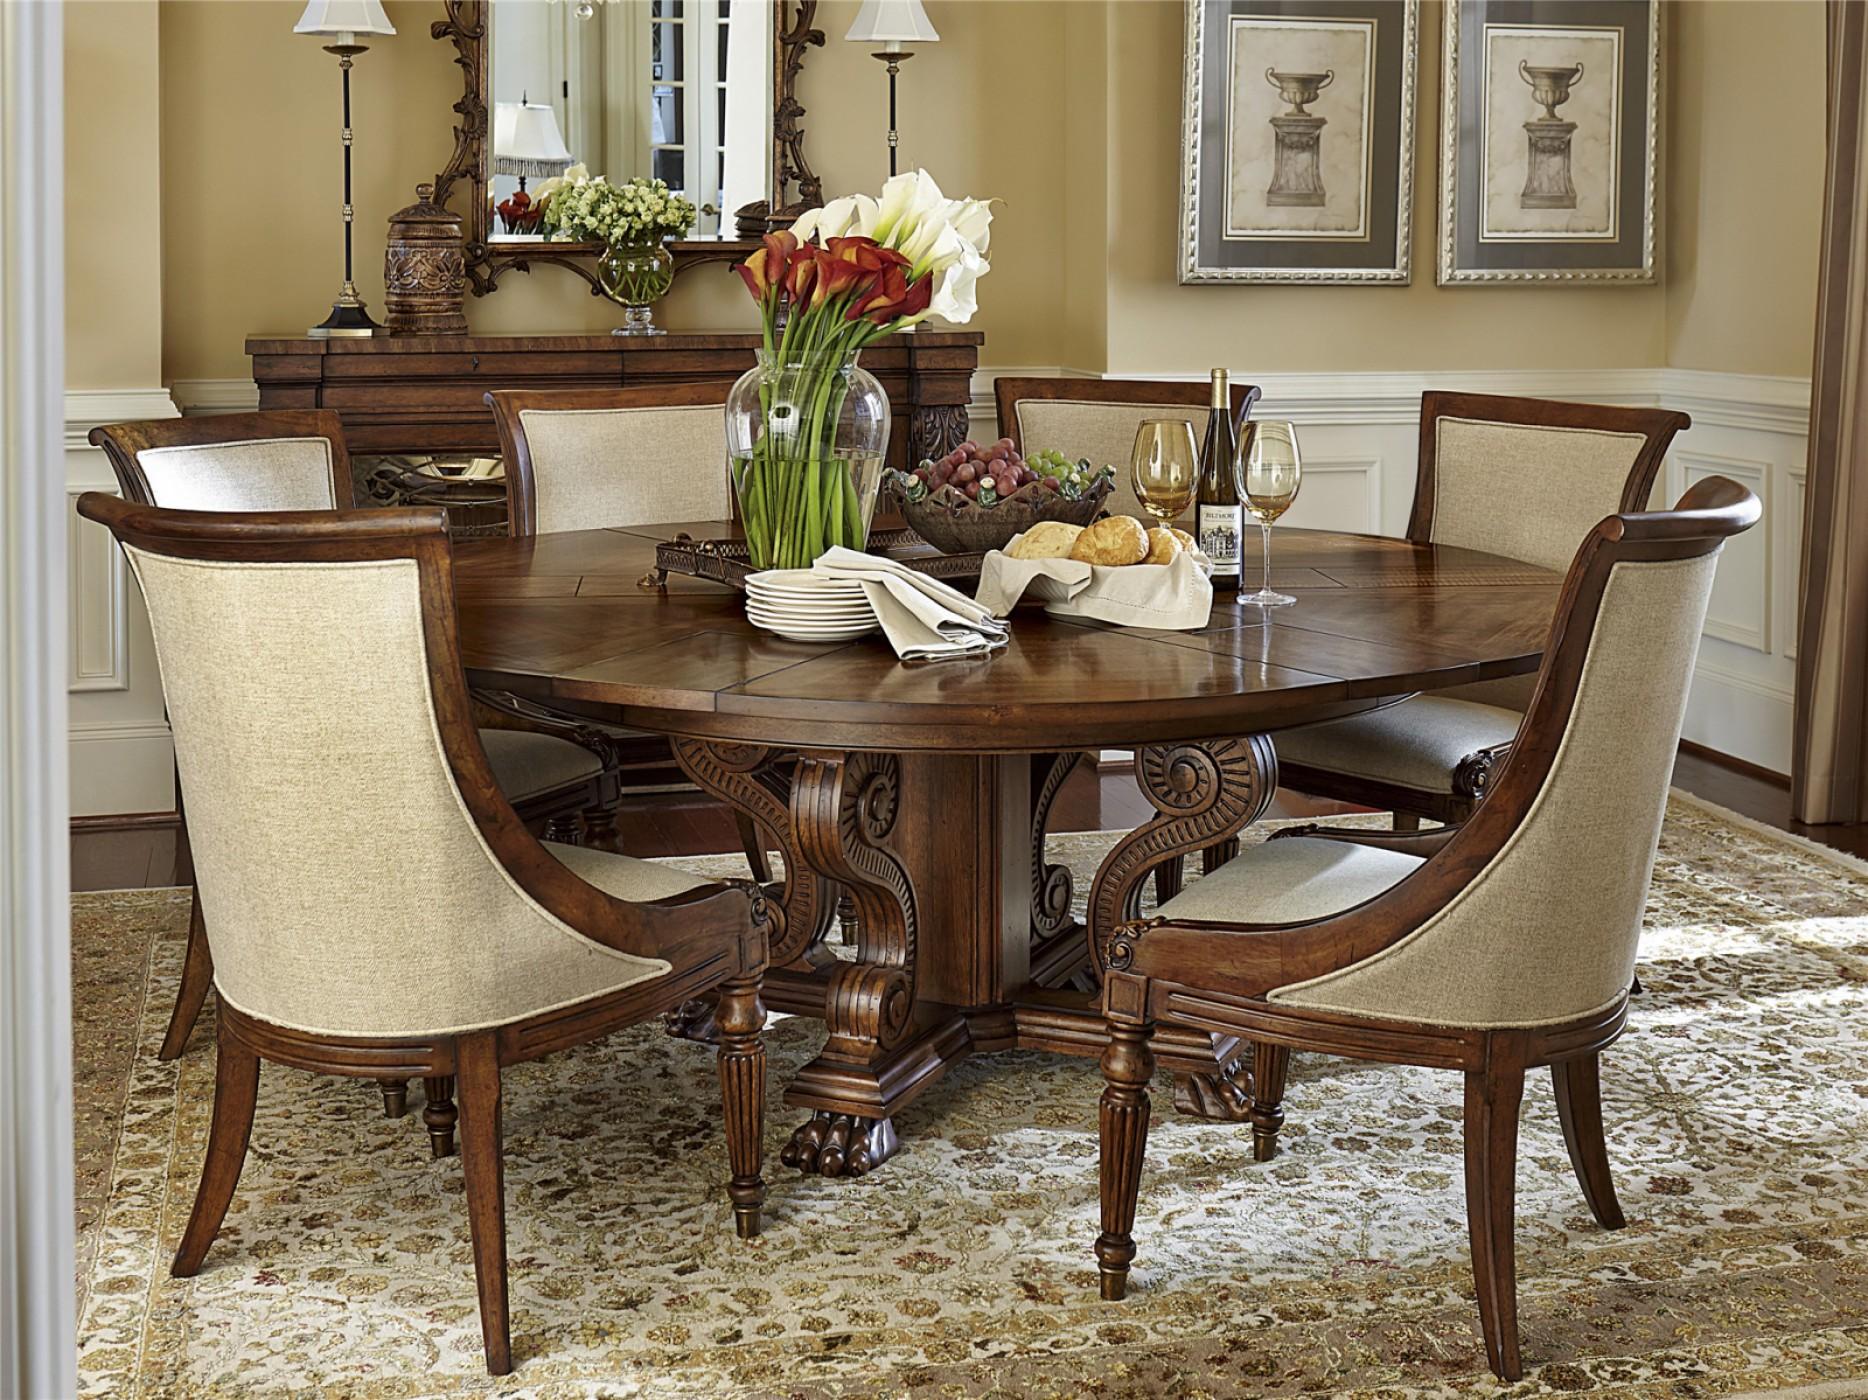 Круглые столы в интерьере дома или квартиры